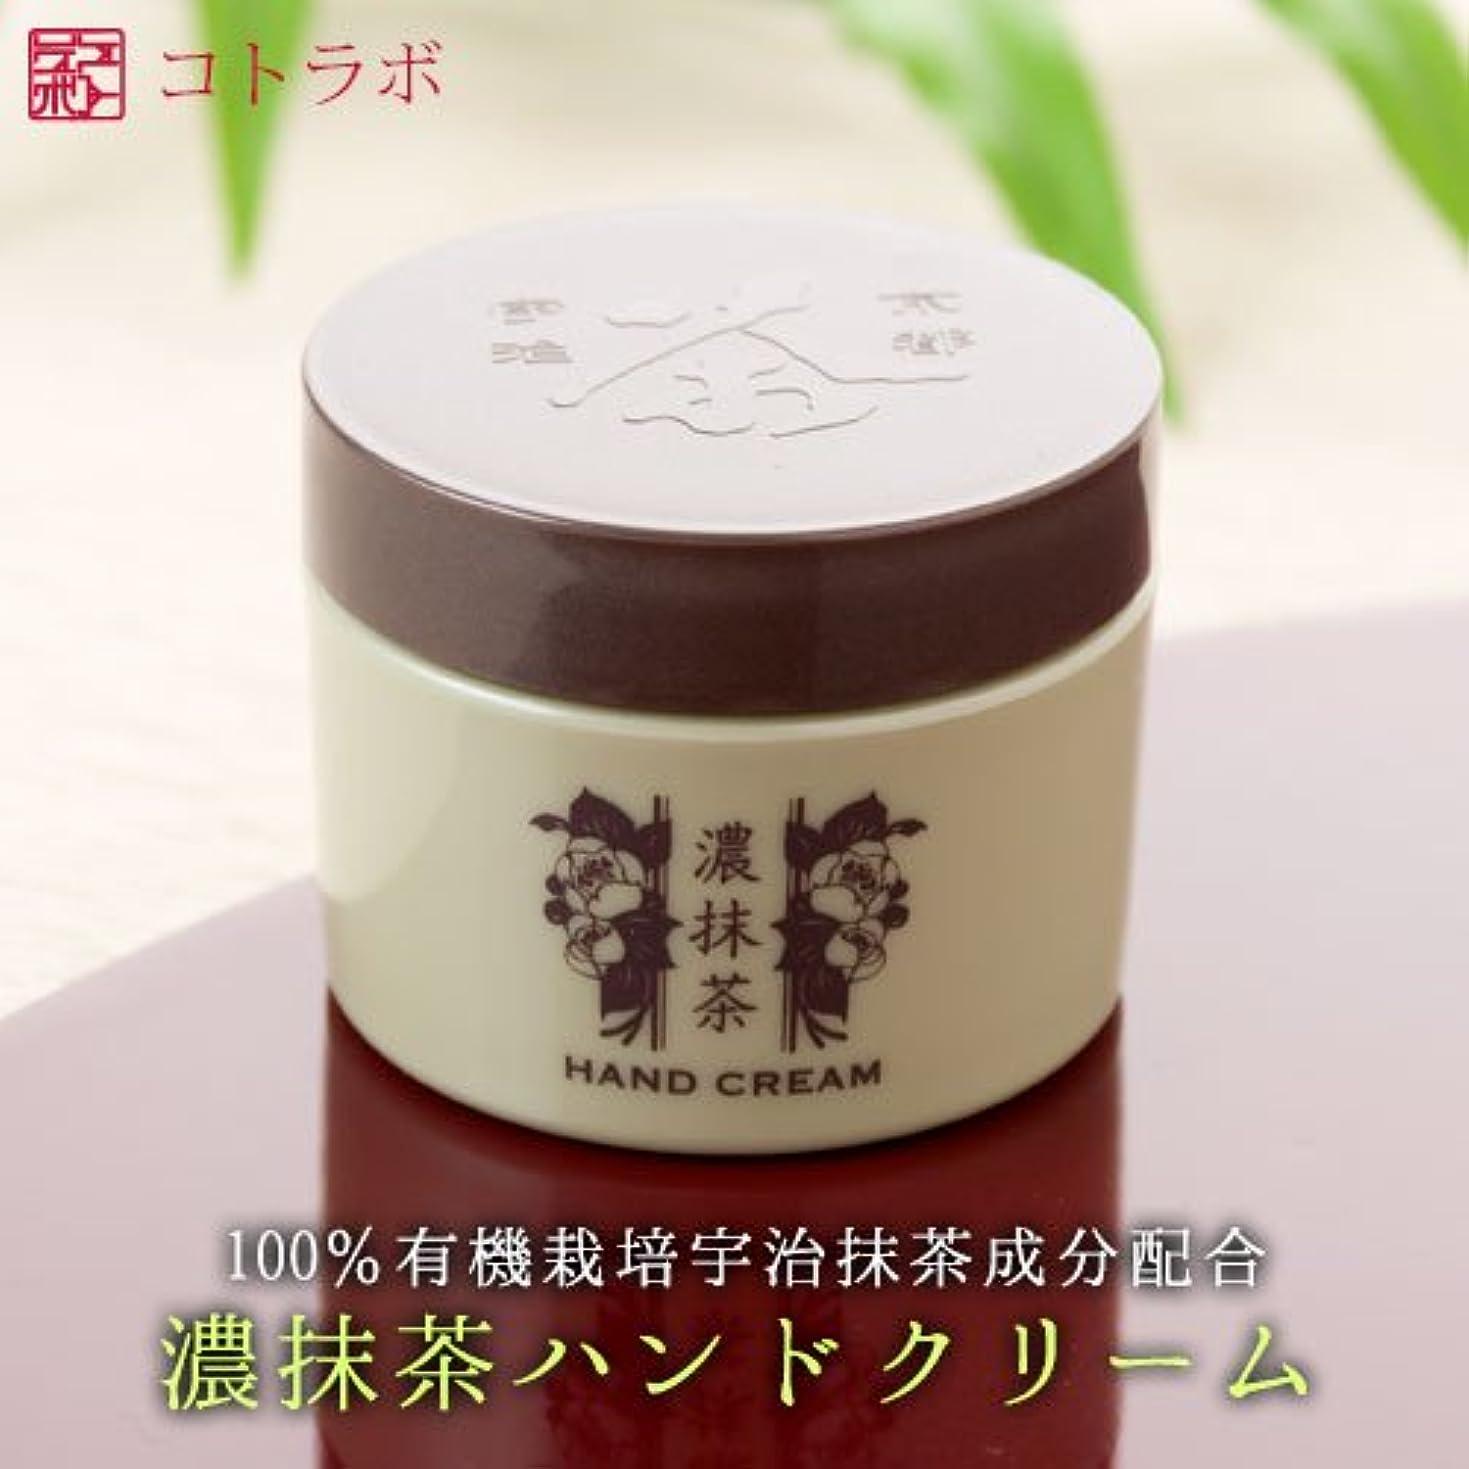 一般化するどれでも再現するコトラボ 濃抹茶ハンドクリーム25g 京都産宇治抹茶パウダー配合 グリーンティーフローラルの香り 京都発のスキンケアクリーム Kyoto premium hand cream, Aroma of green tea floral